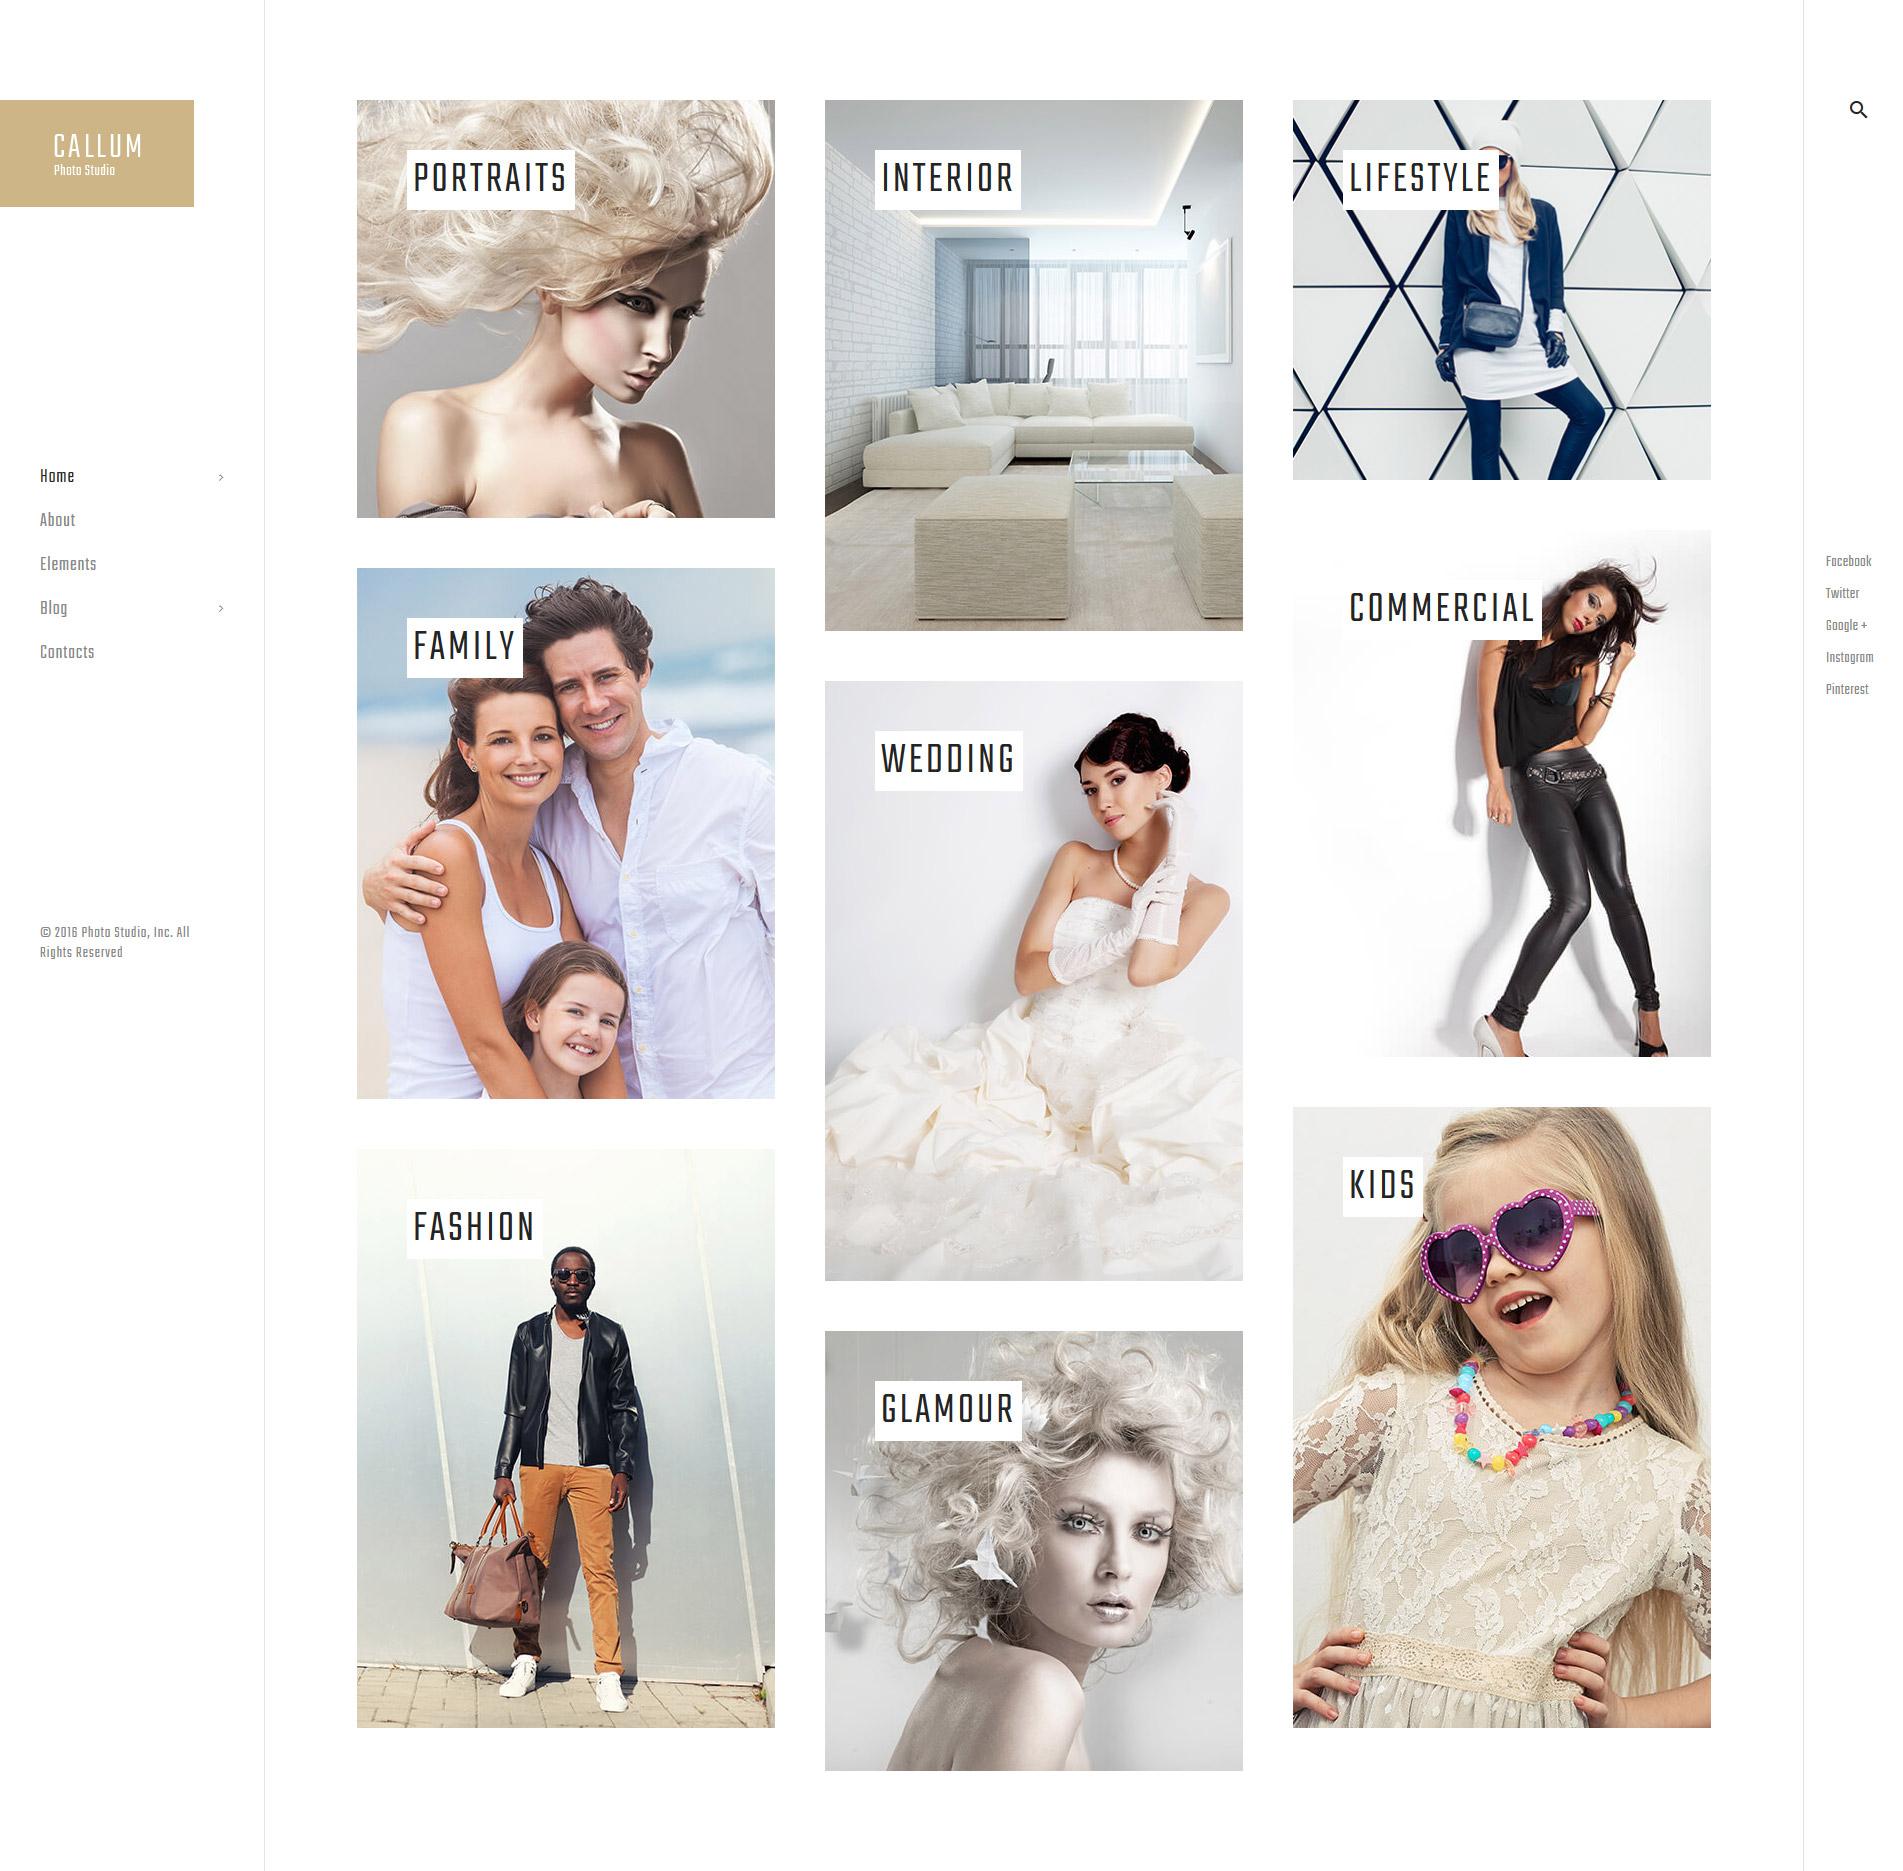 Responsywny motyw WordPress Callum - wedding photo gallery #61164 - zrzut ekranu